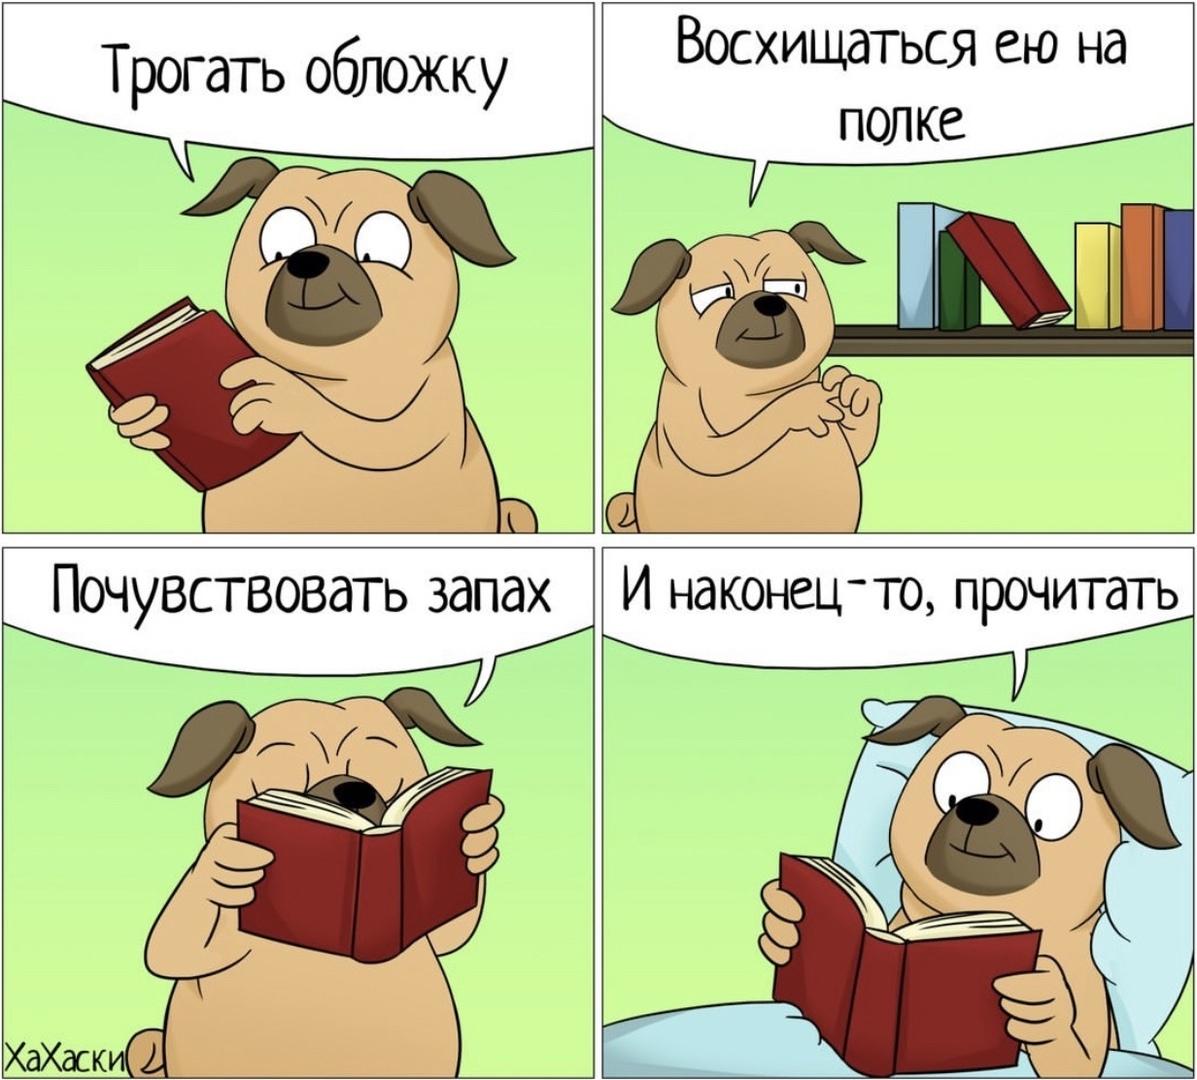 Покупать новые книги — это...